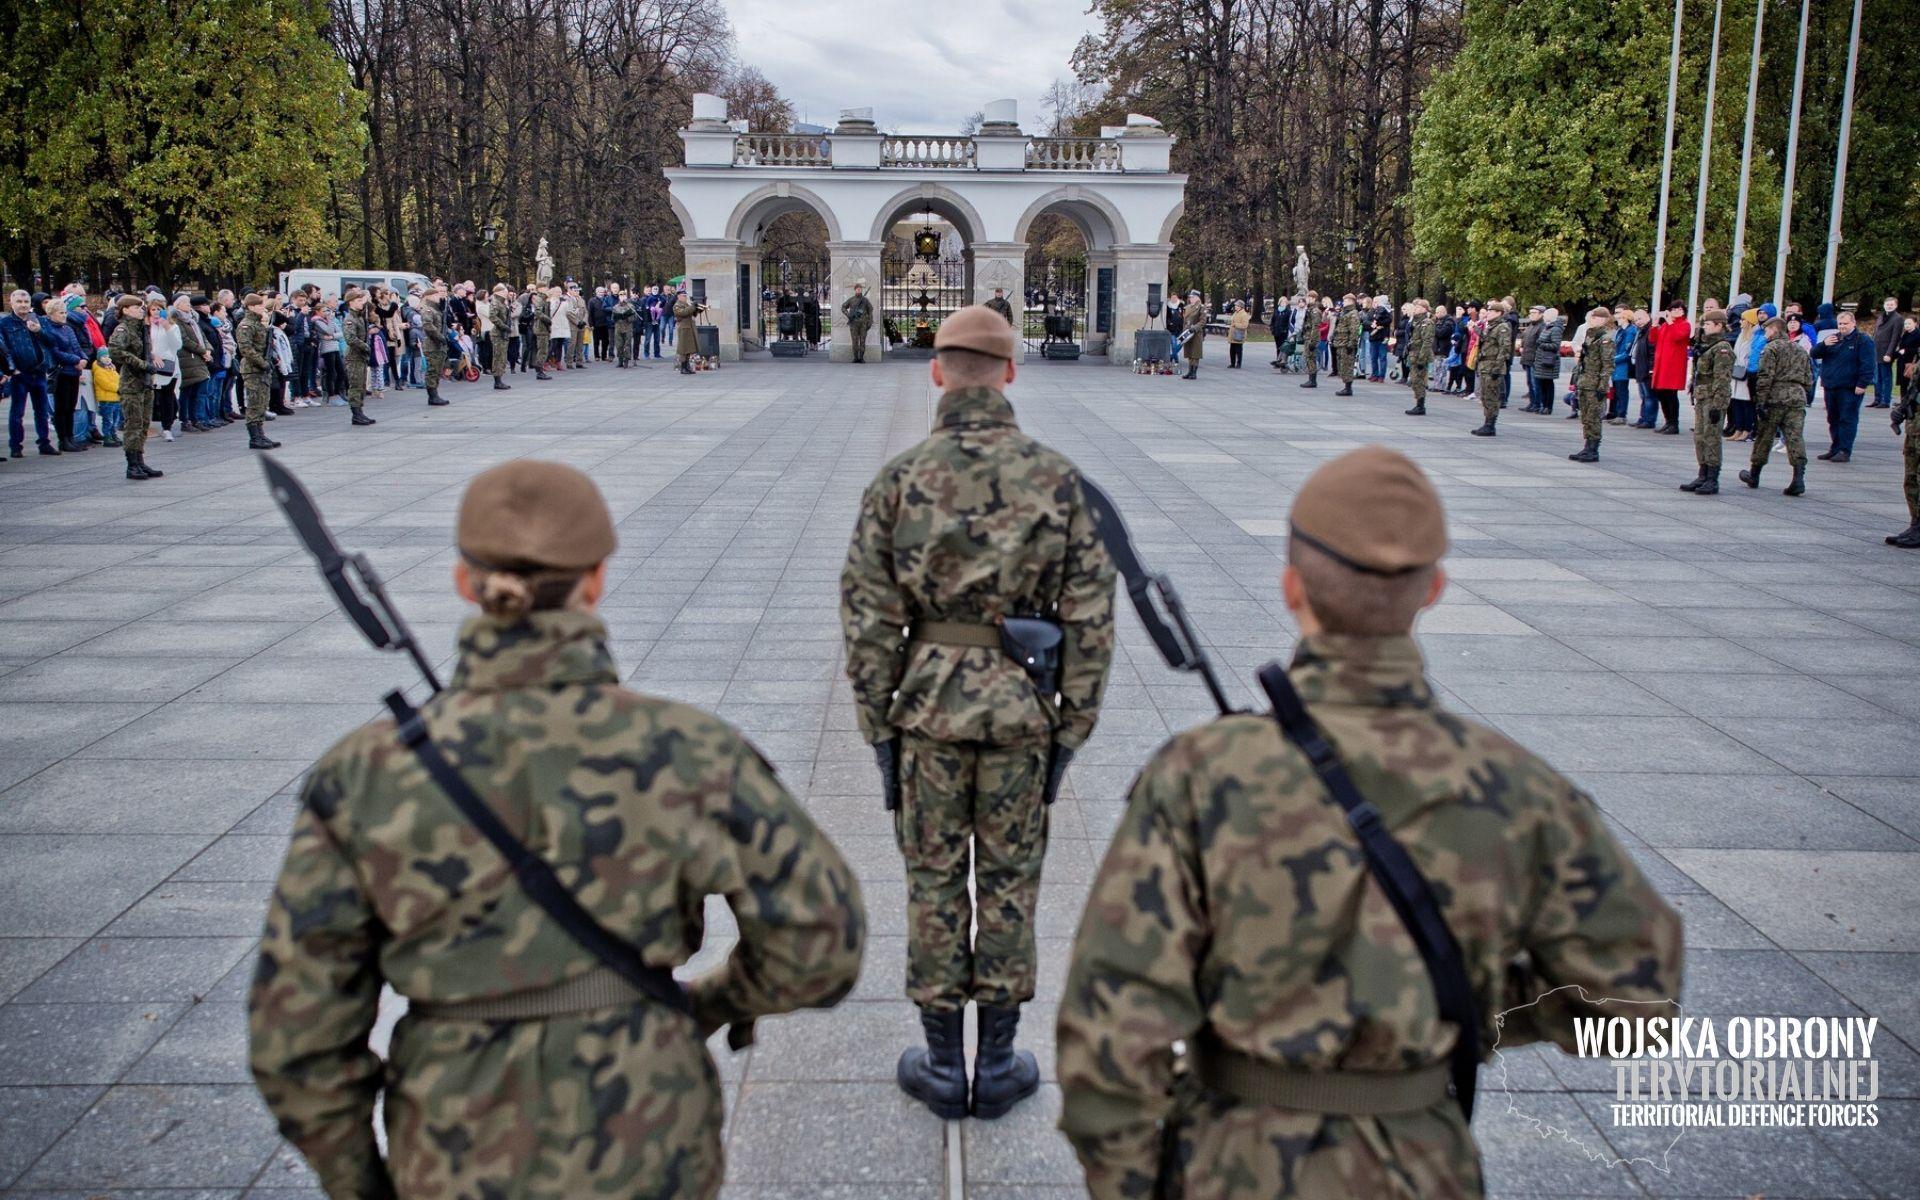 Uroczysta zmiana posterunku przy Grobie Nieznanego Żołnierza z udziałem żołnierzy WOT, 03.11.2019